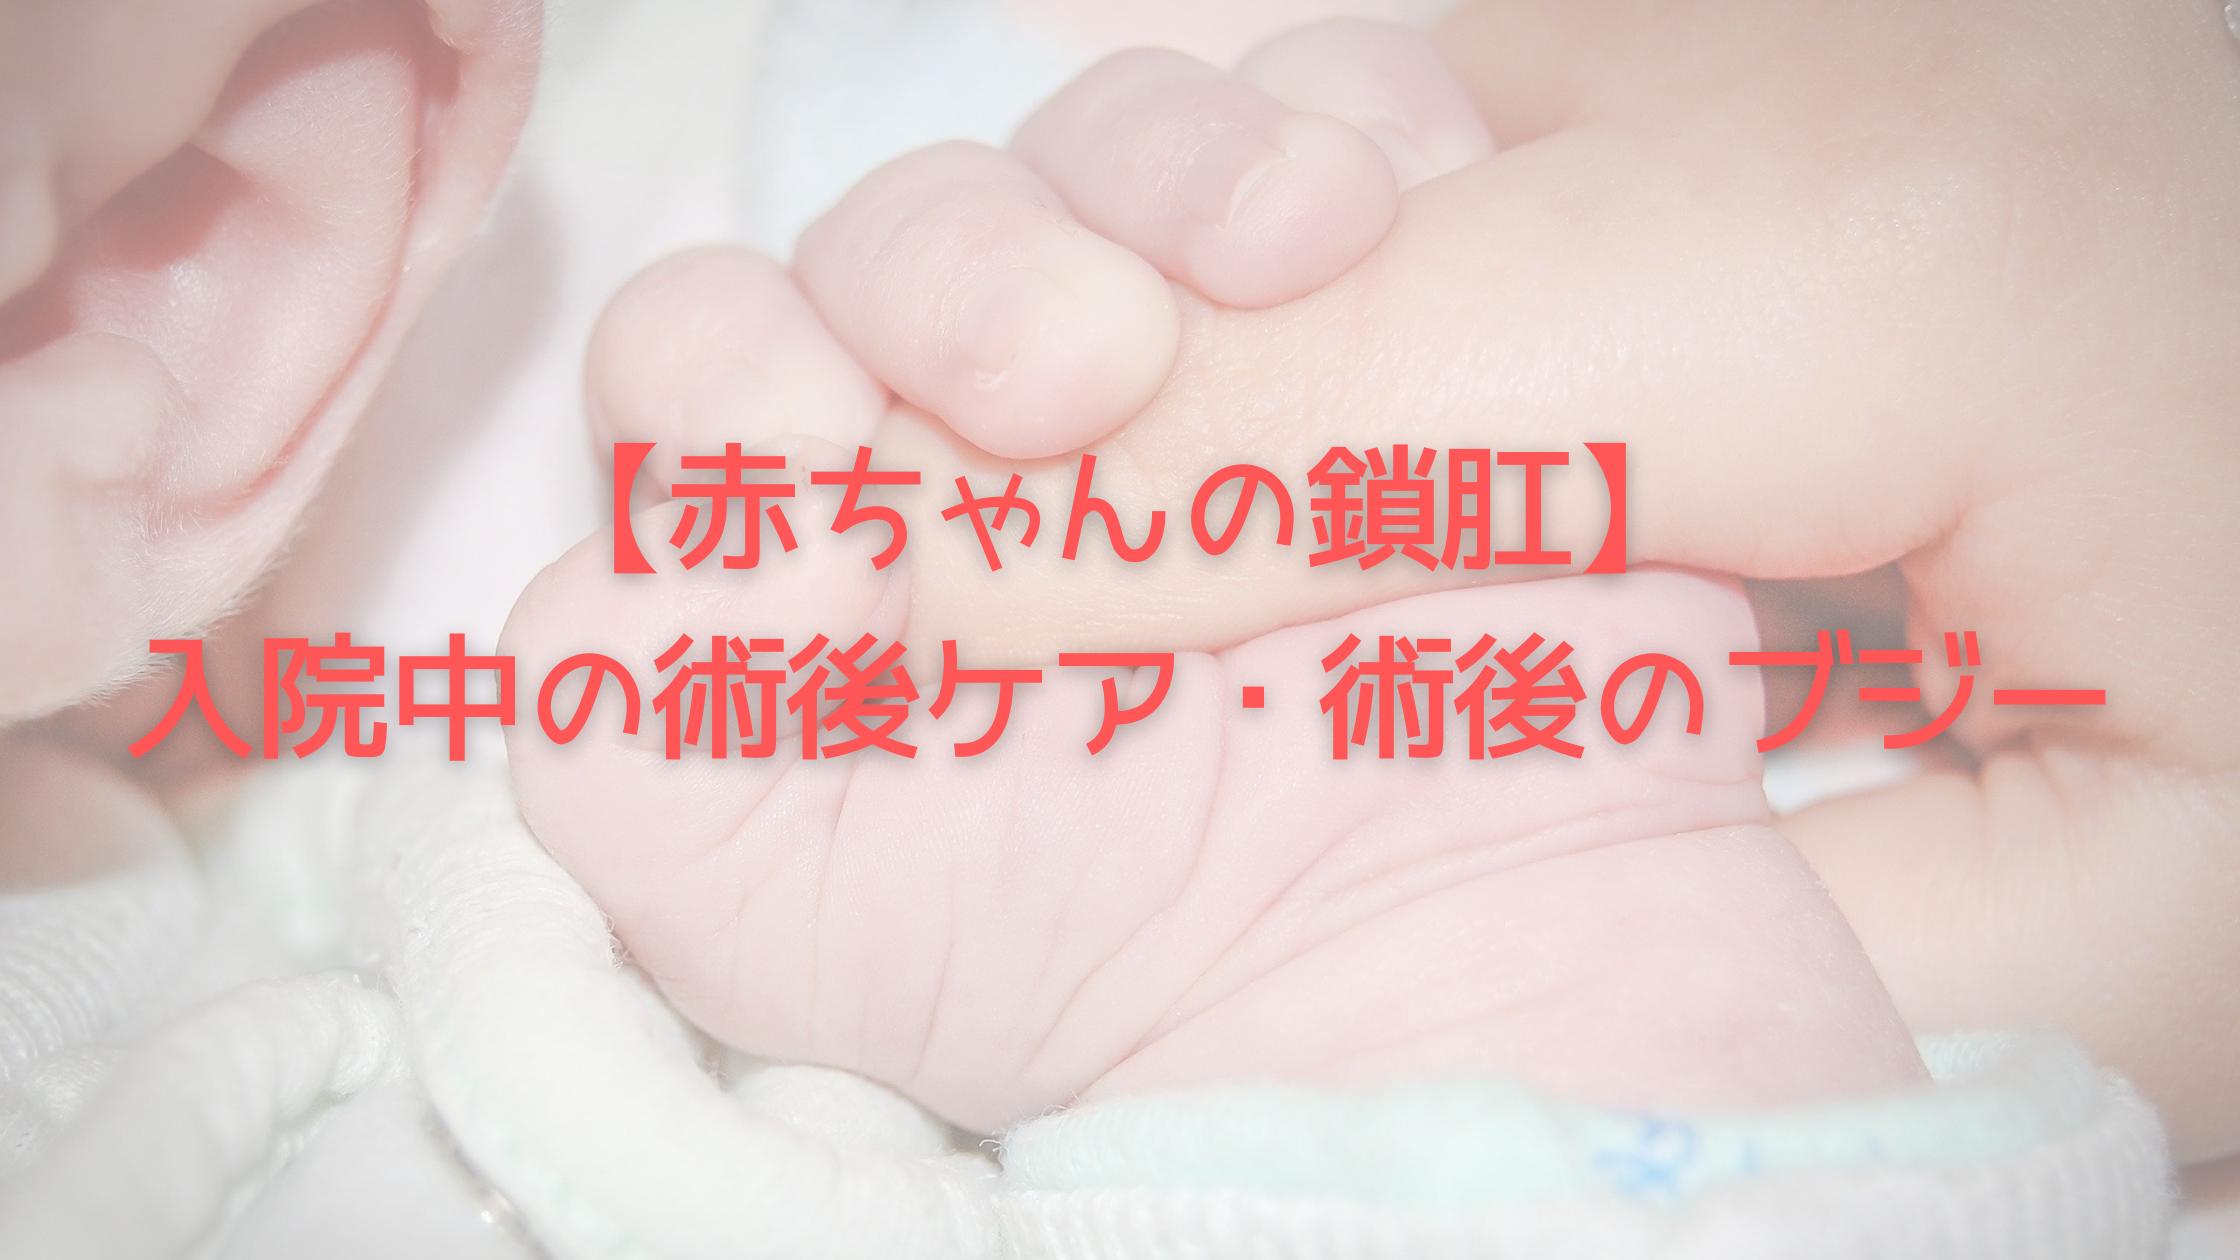 【赤ちゃんの鎖肛】入院中の術後ケアについて。手術後1週間でブジーを開始